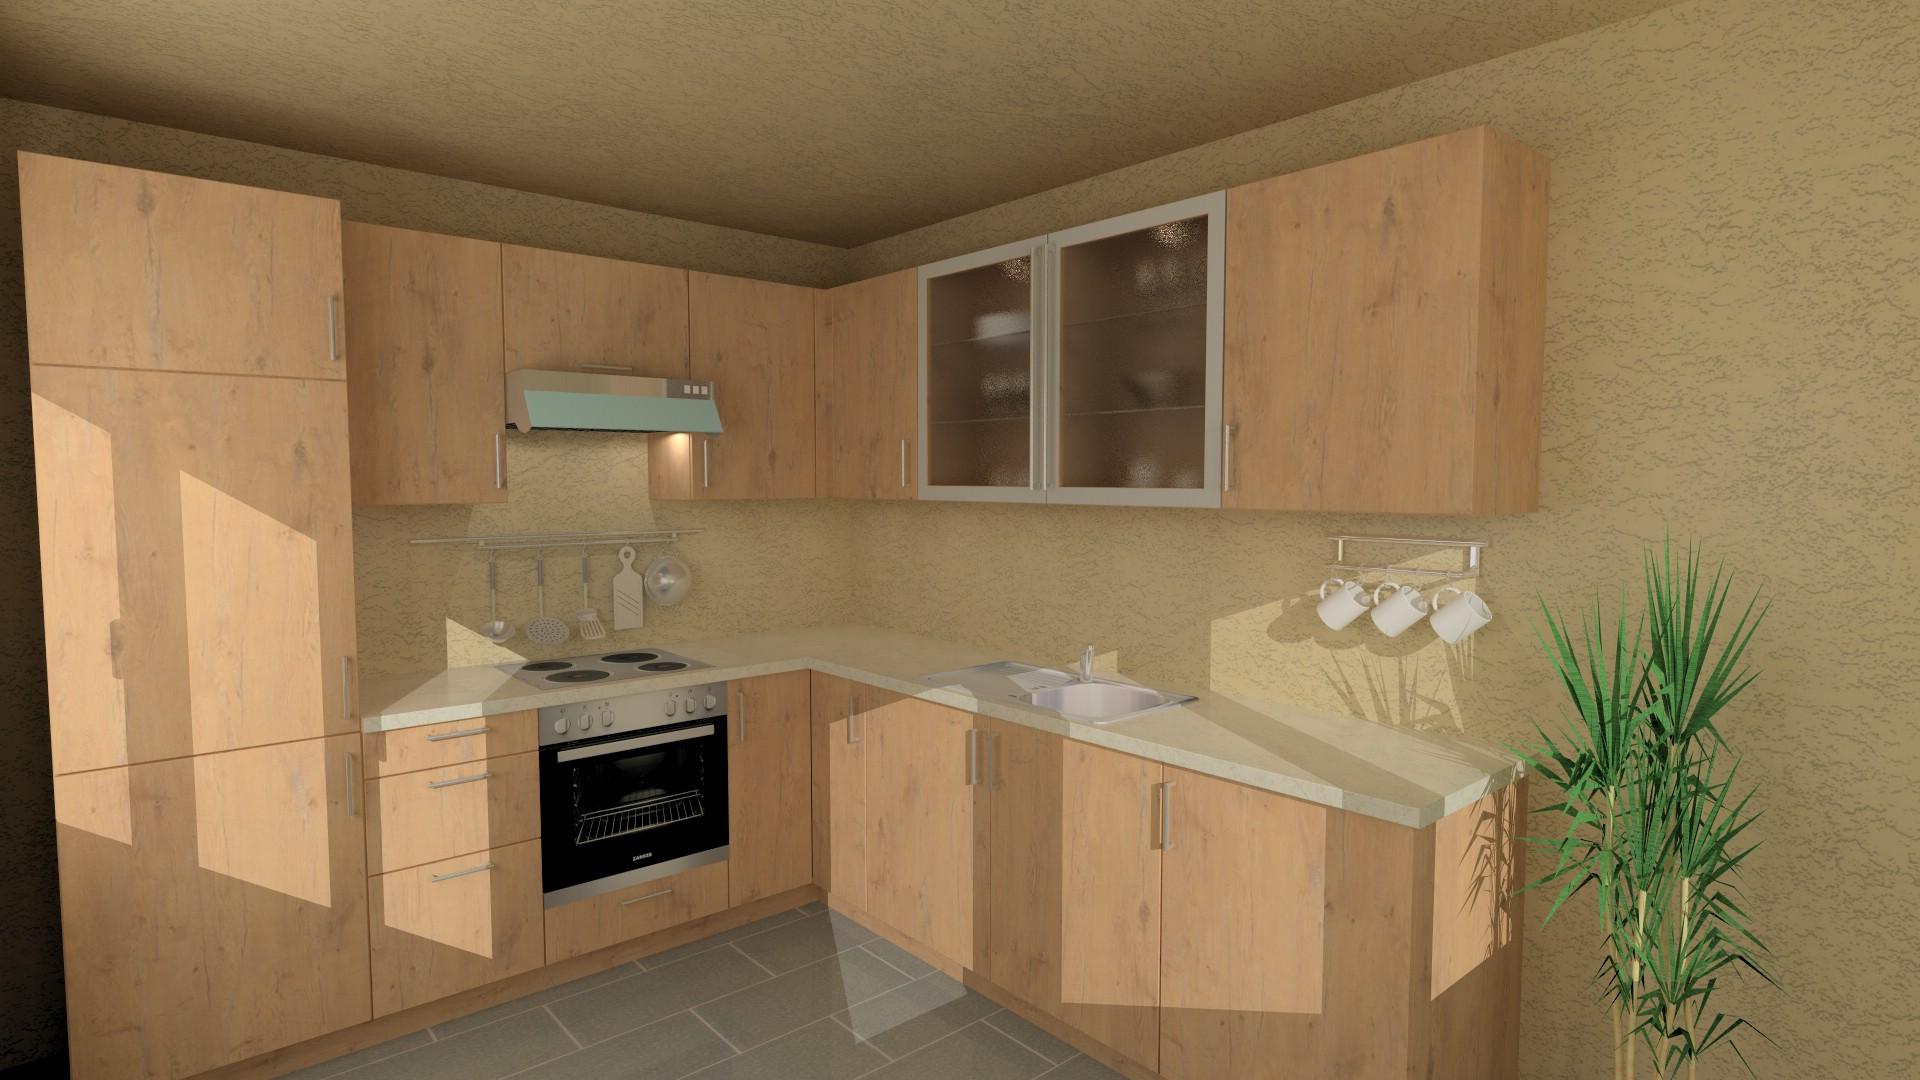 k chenshow. Black Bedroom Furniture Sets. Home Design Ideas